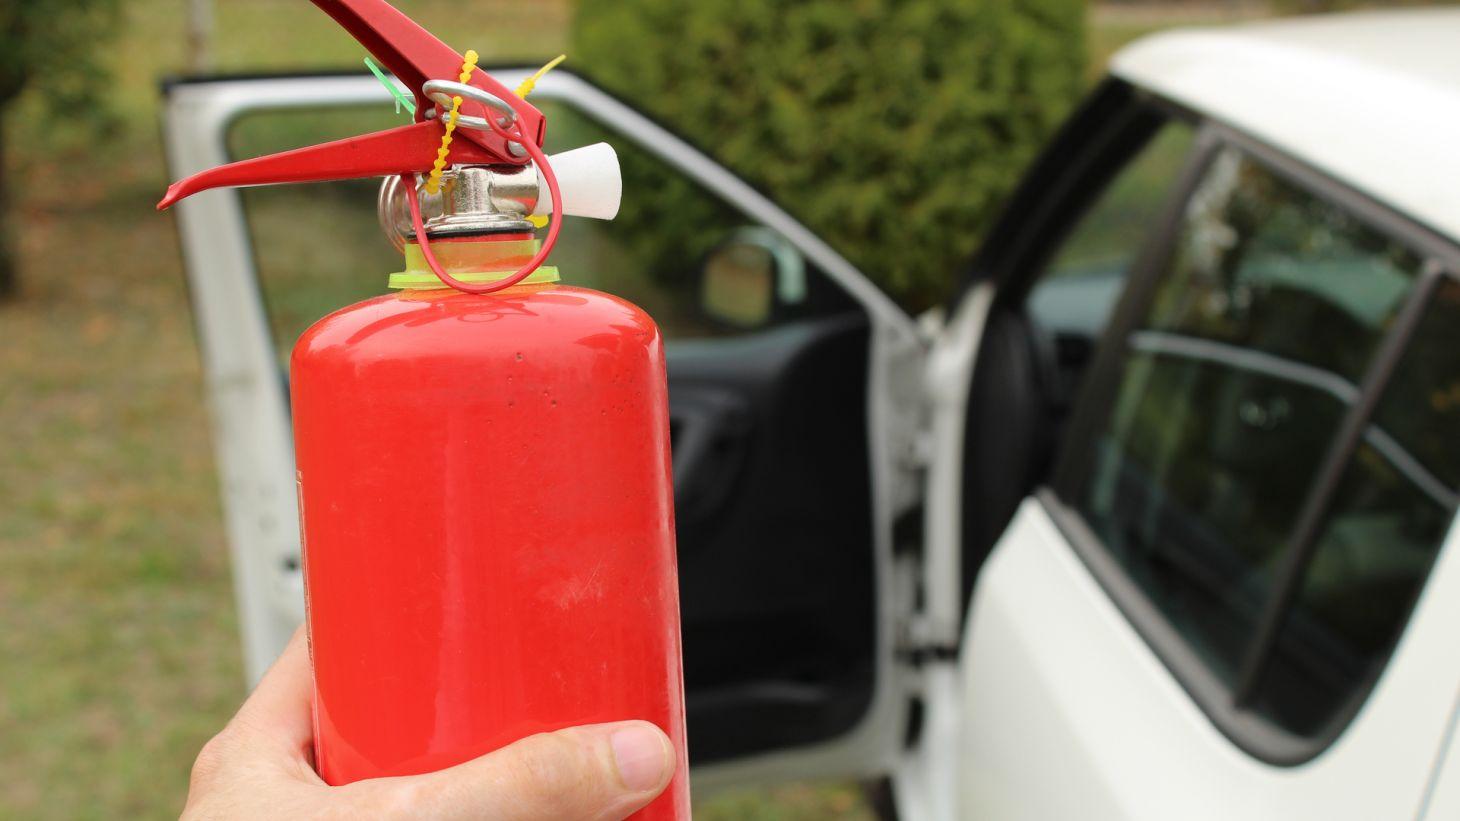 motorista segurando extintor incendio com carro automovel ao fundo